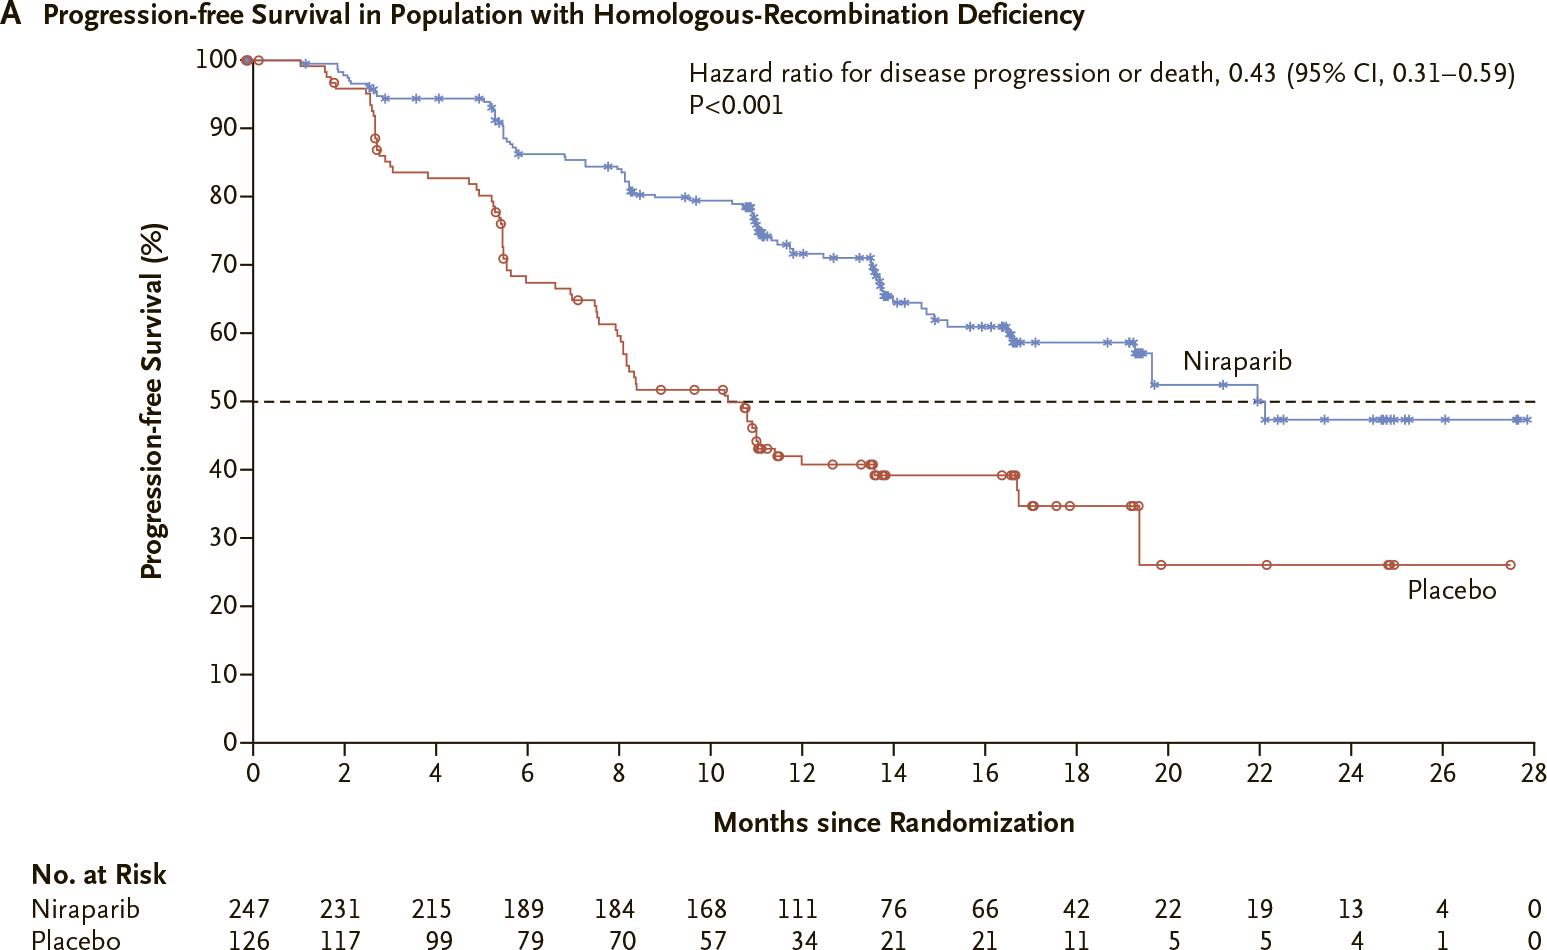 nct02655016 results 02 - «Заджула»: поддерживающая терапия рака яичников для любых пациентов